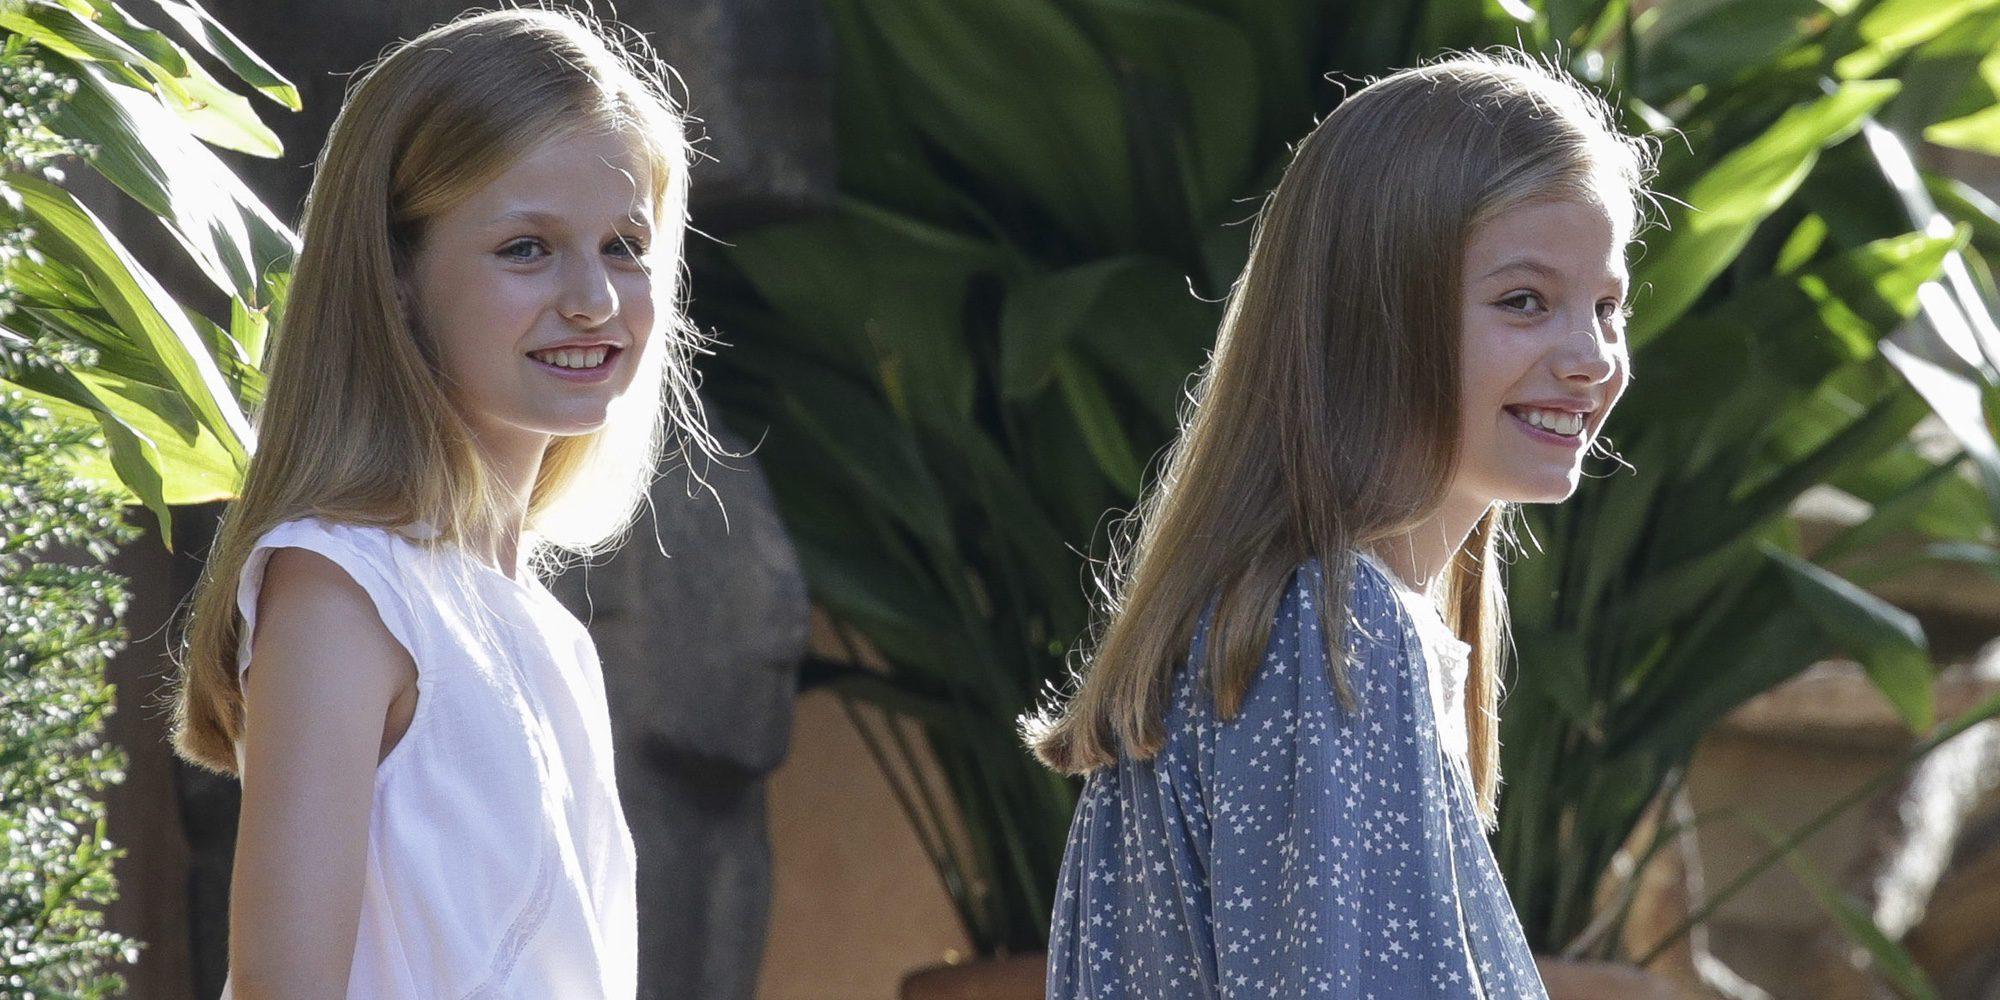 El error de los Reyes Felipe y Letizia con la vuelta al cole de la Princesa Leonor y la Infanta Sofía